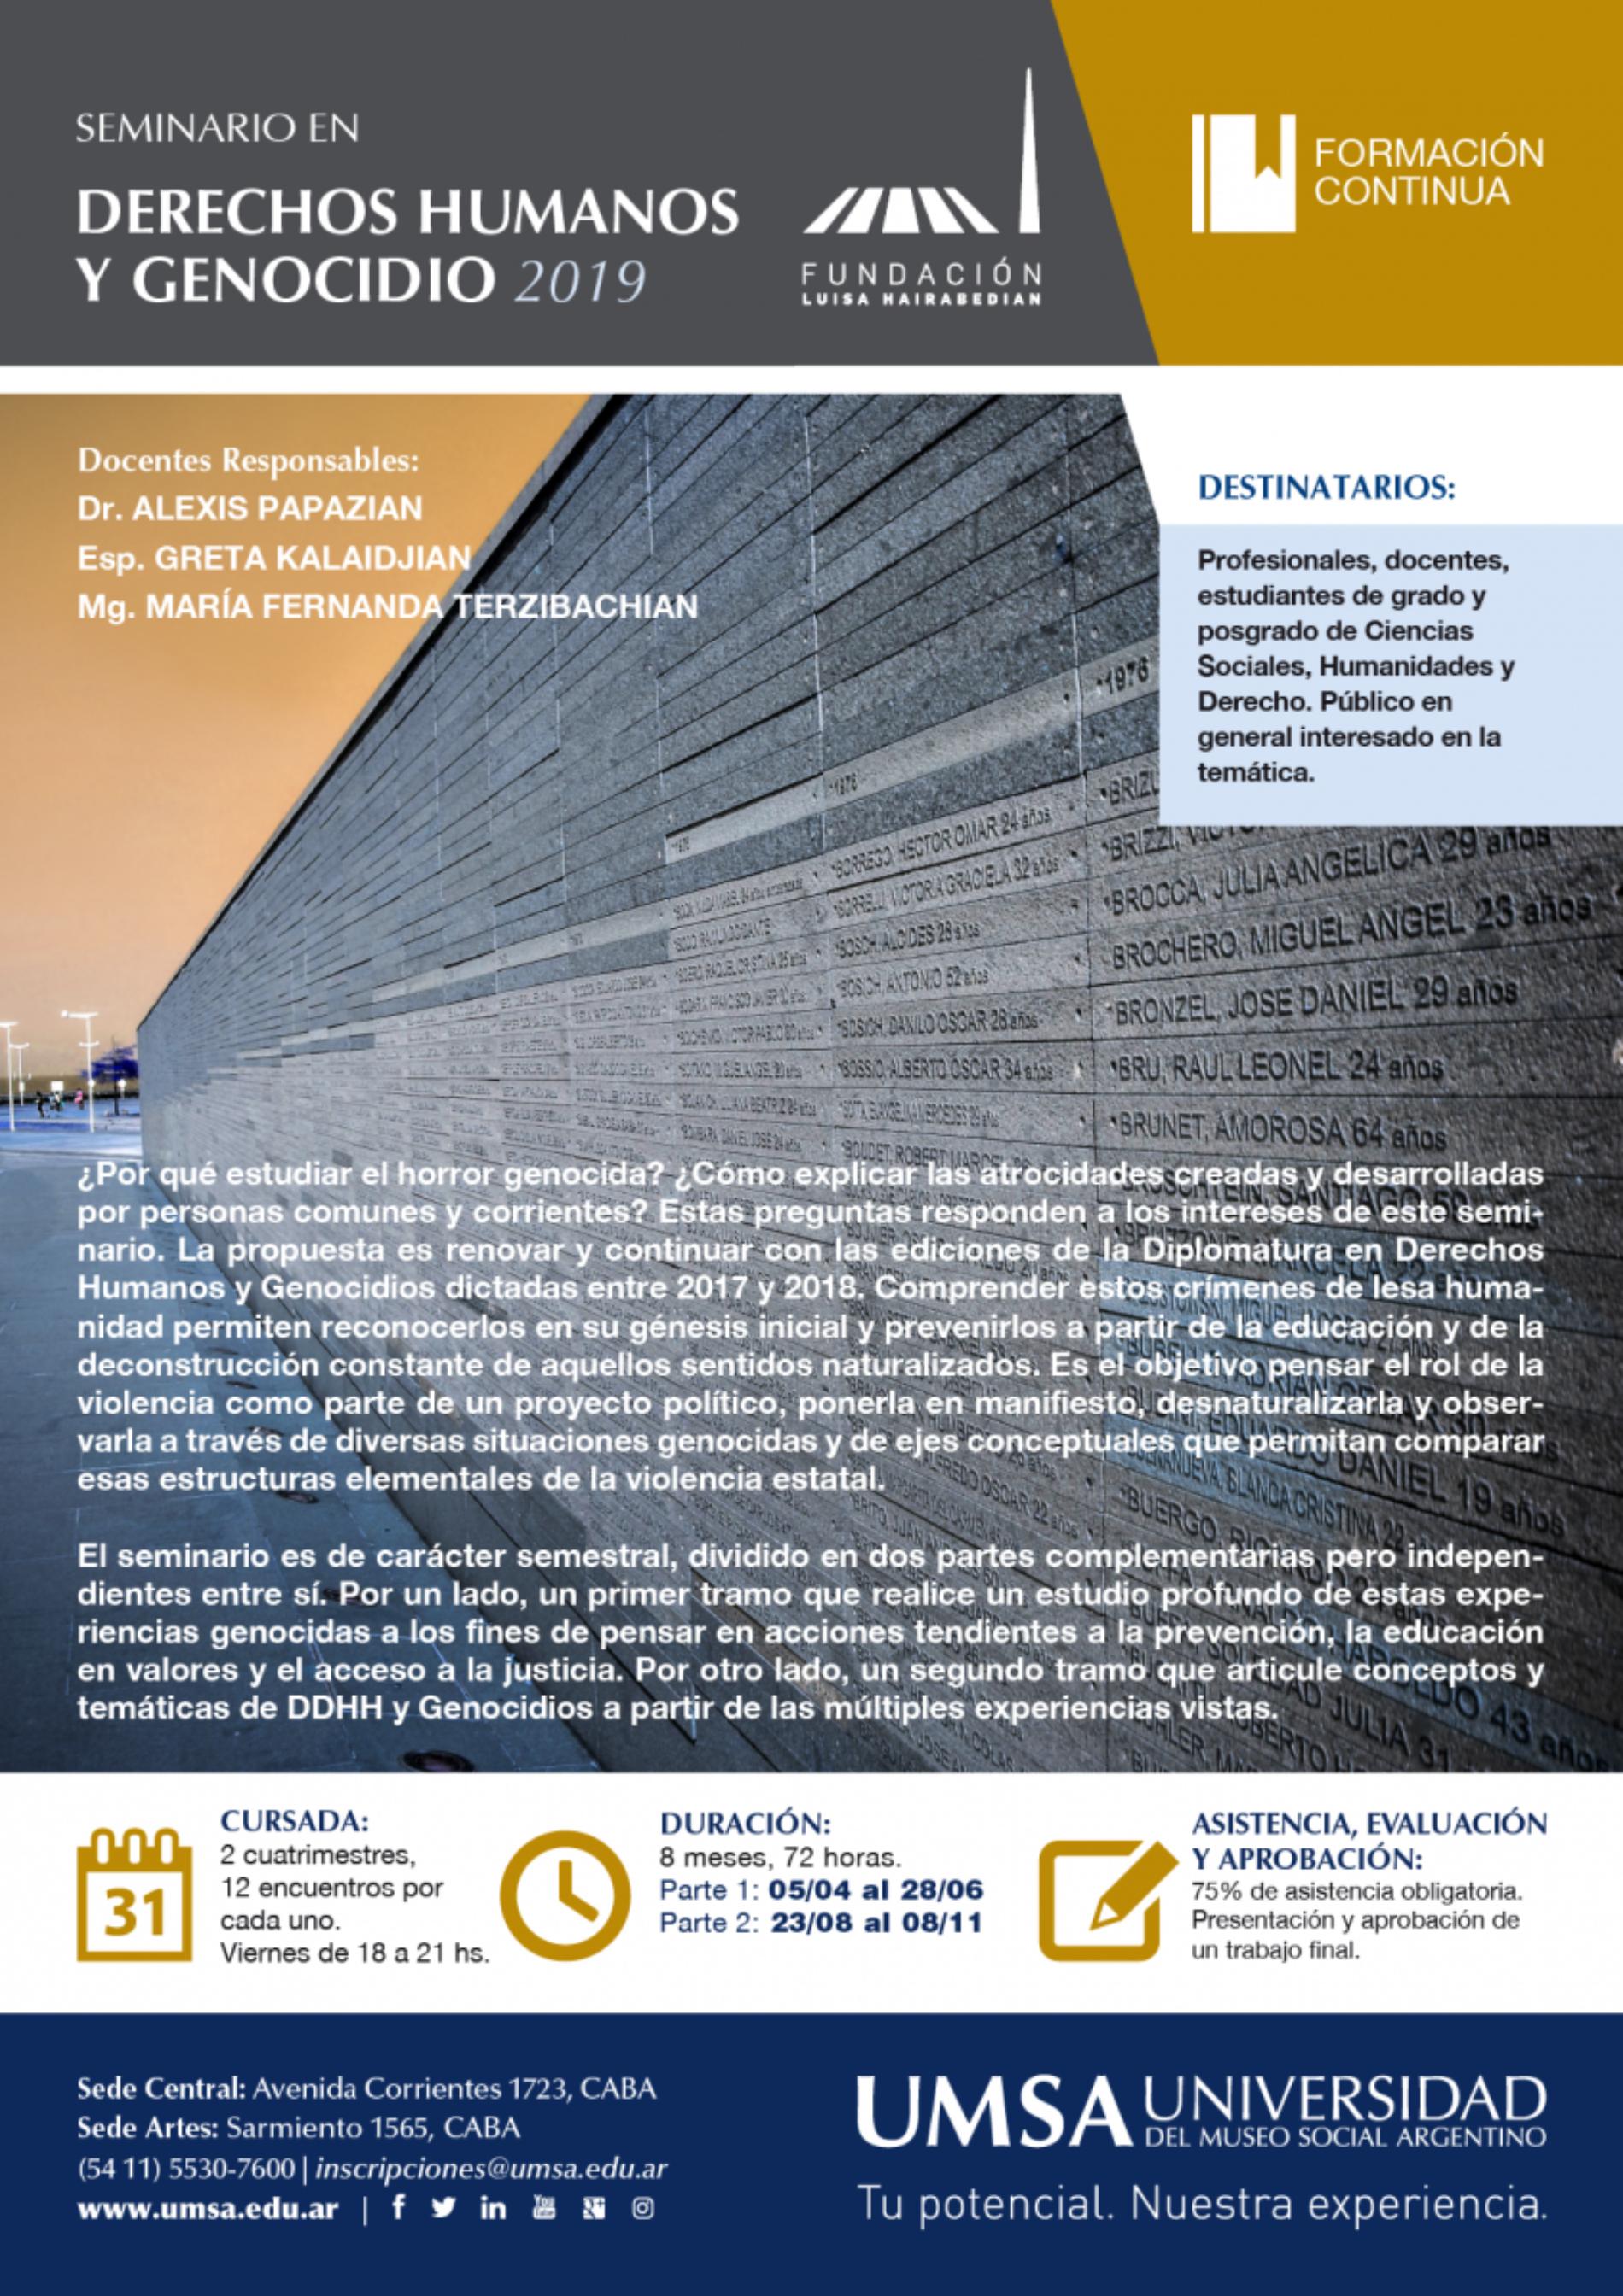 Seminario en DERECHOS HUMANOS Y GENOCIDIO 2019 – Inicio 5 de abril – UMSA